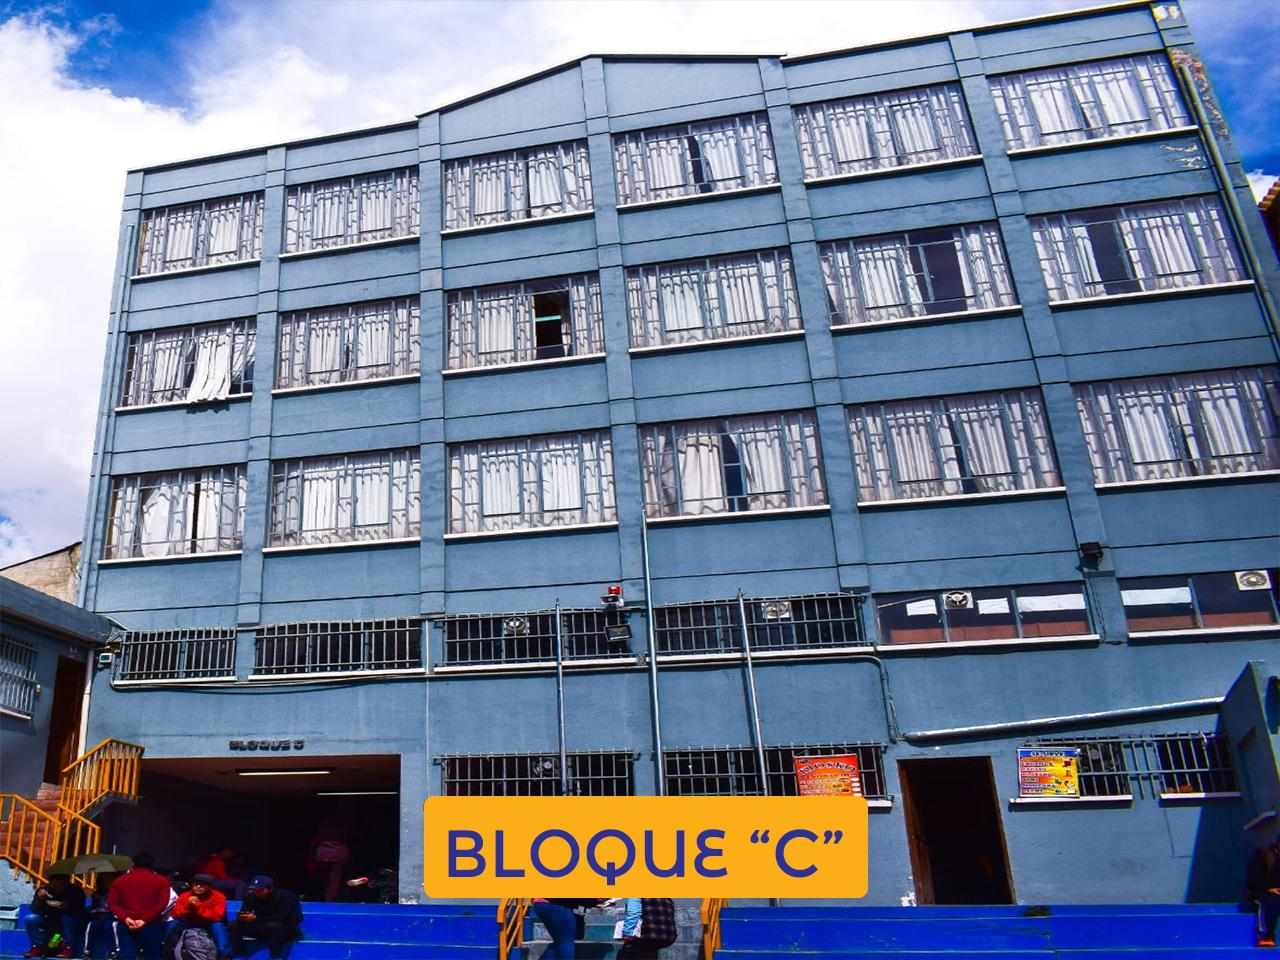 Bloque C